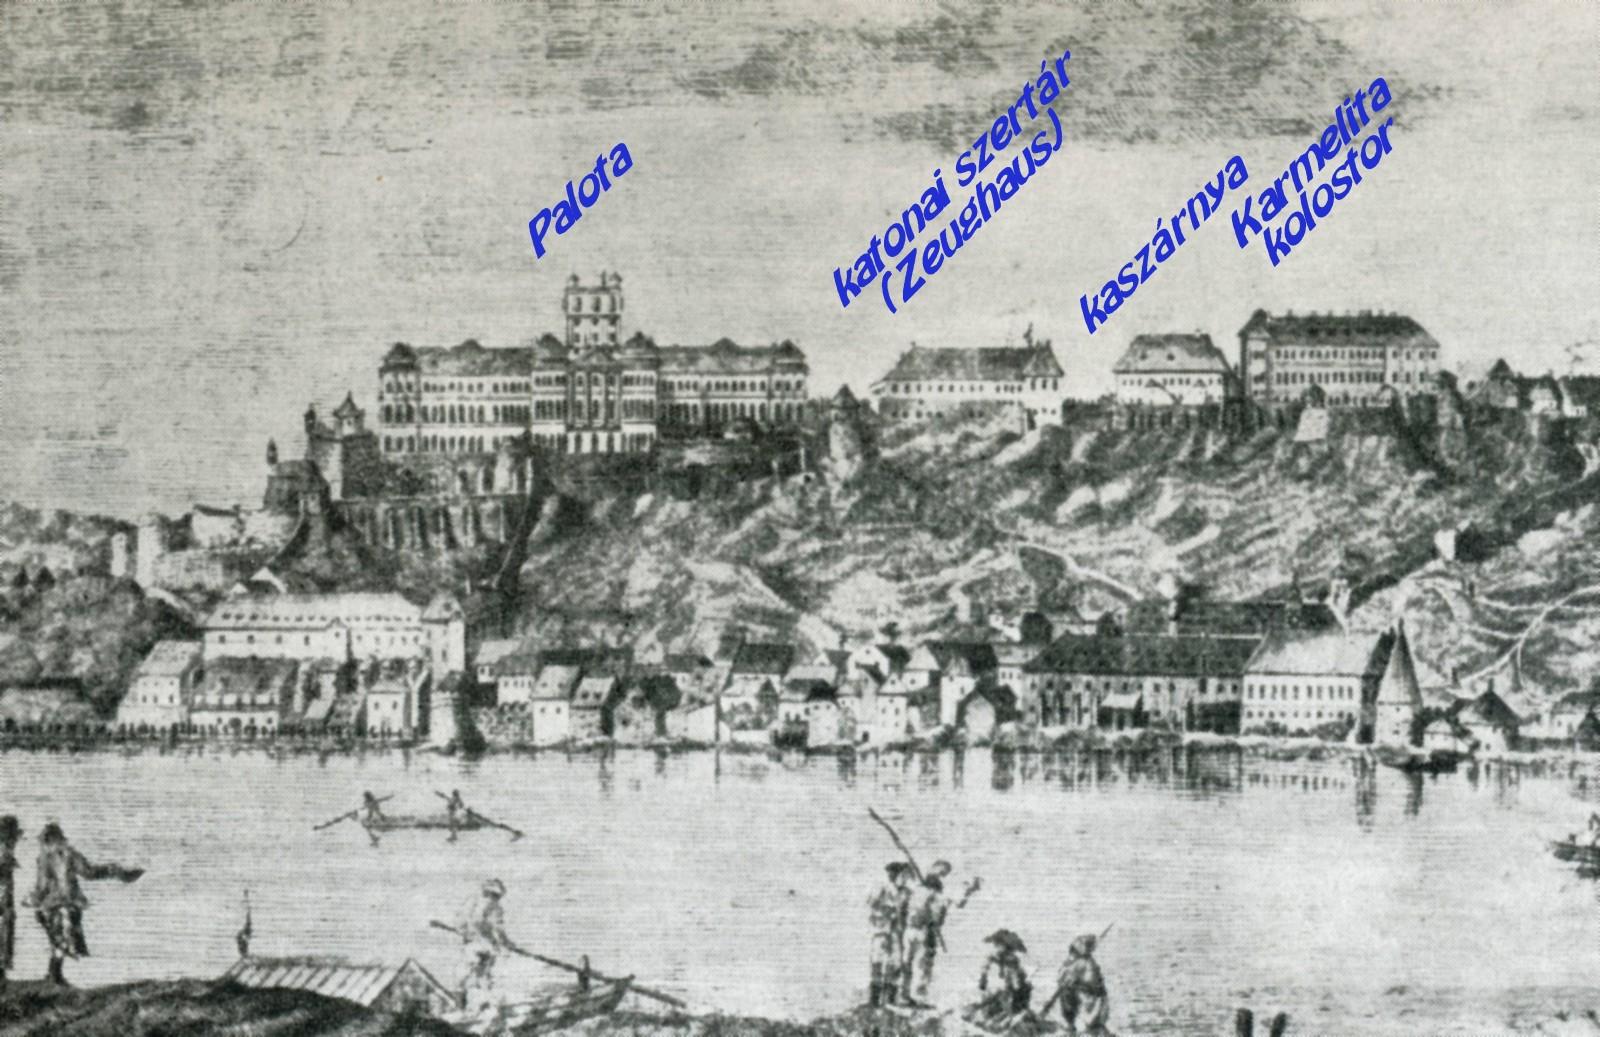 budapest-i-kerulet-budavari-katonai-szertar-zeughaus-_2.jpg